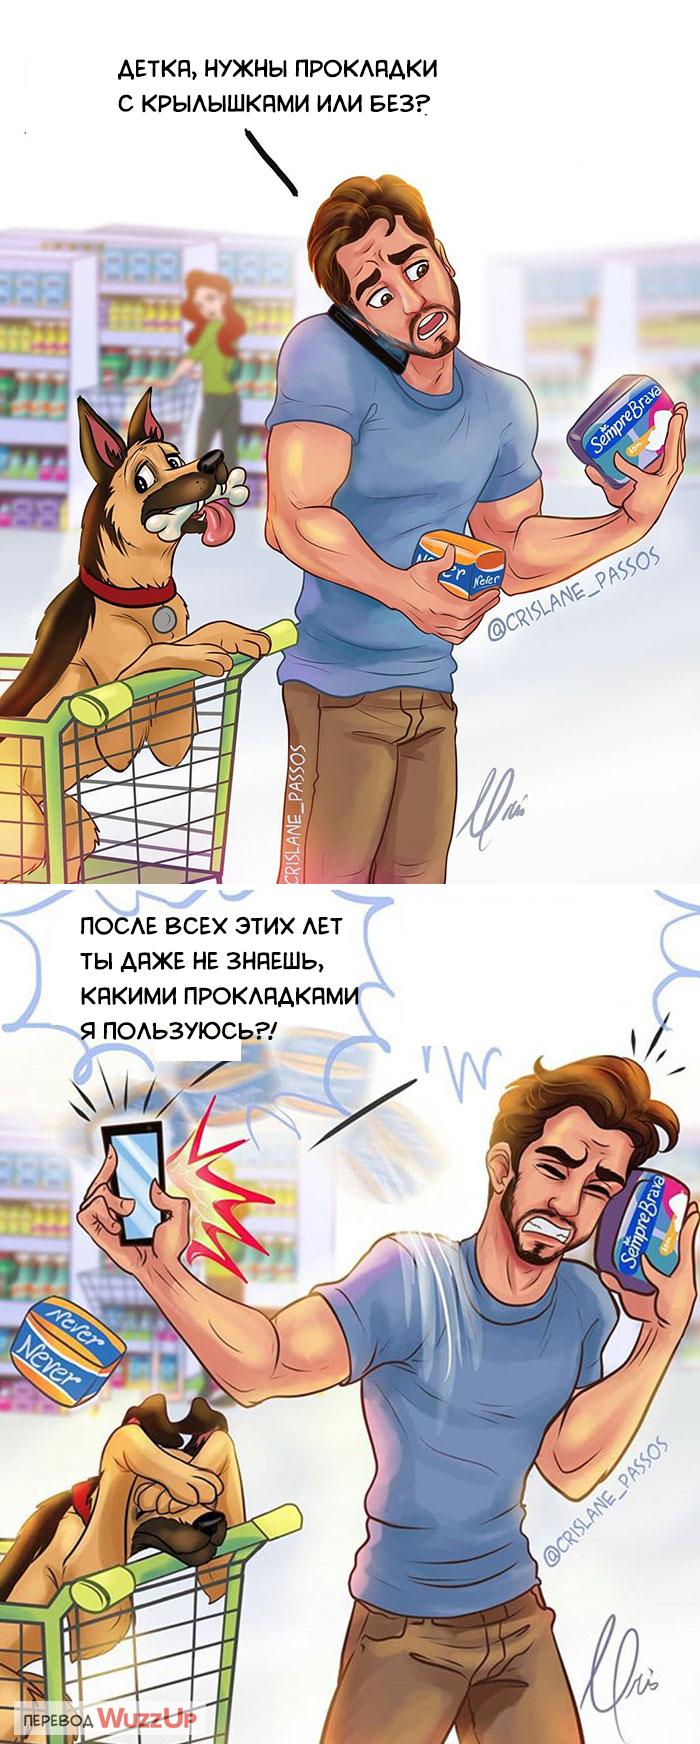 Забавные комиксы о безнадежно влюбленной парочке со всеми прелестями совместной жизни